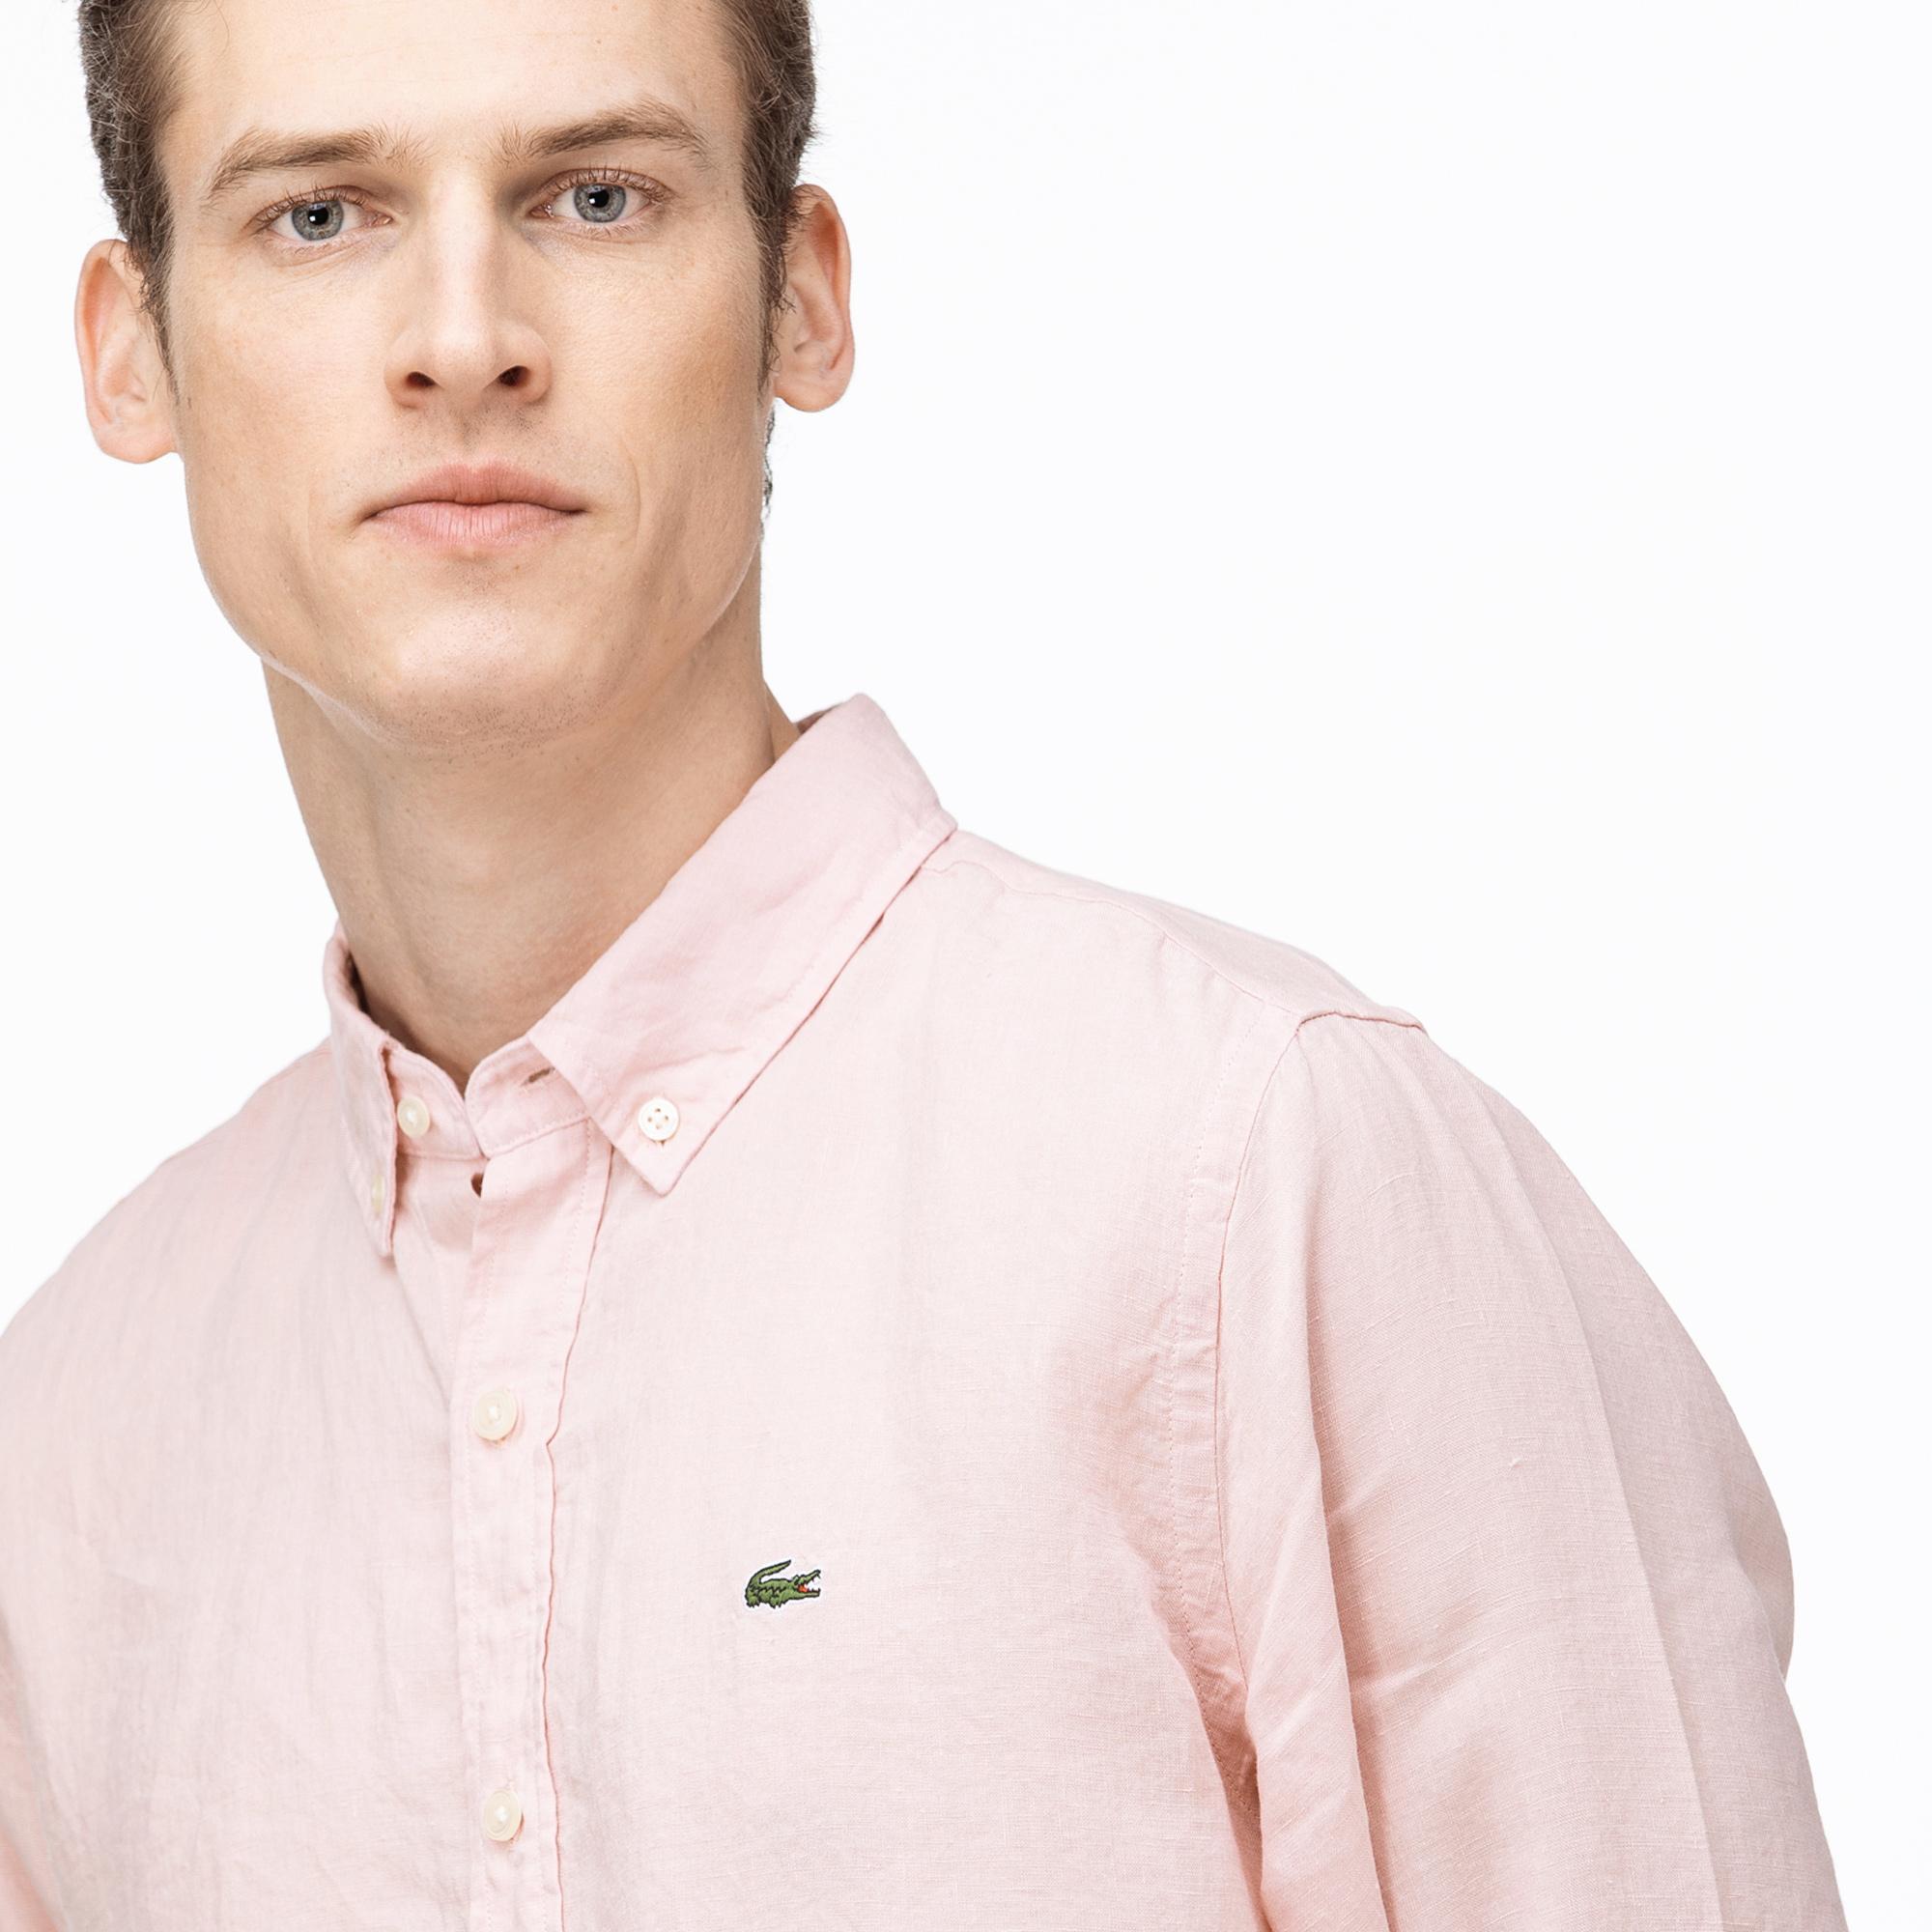 Lacoste Erkek Regular Fit Düğmeli Yaka Açık Pembe Keten Gömlek